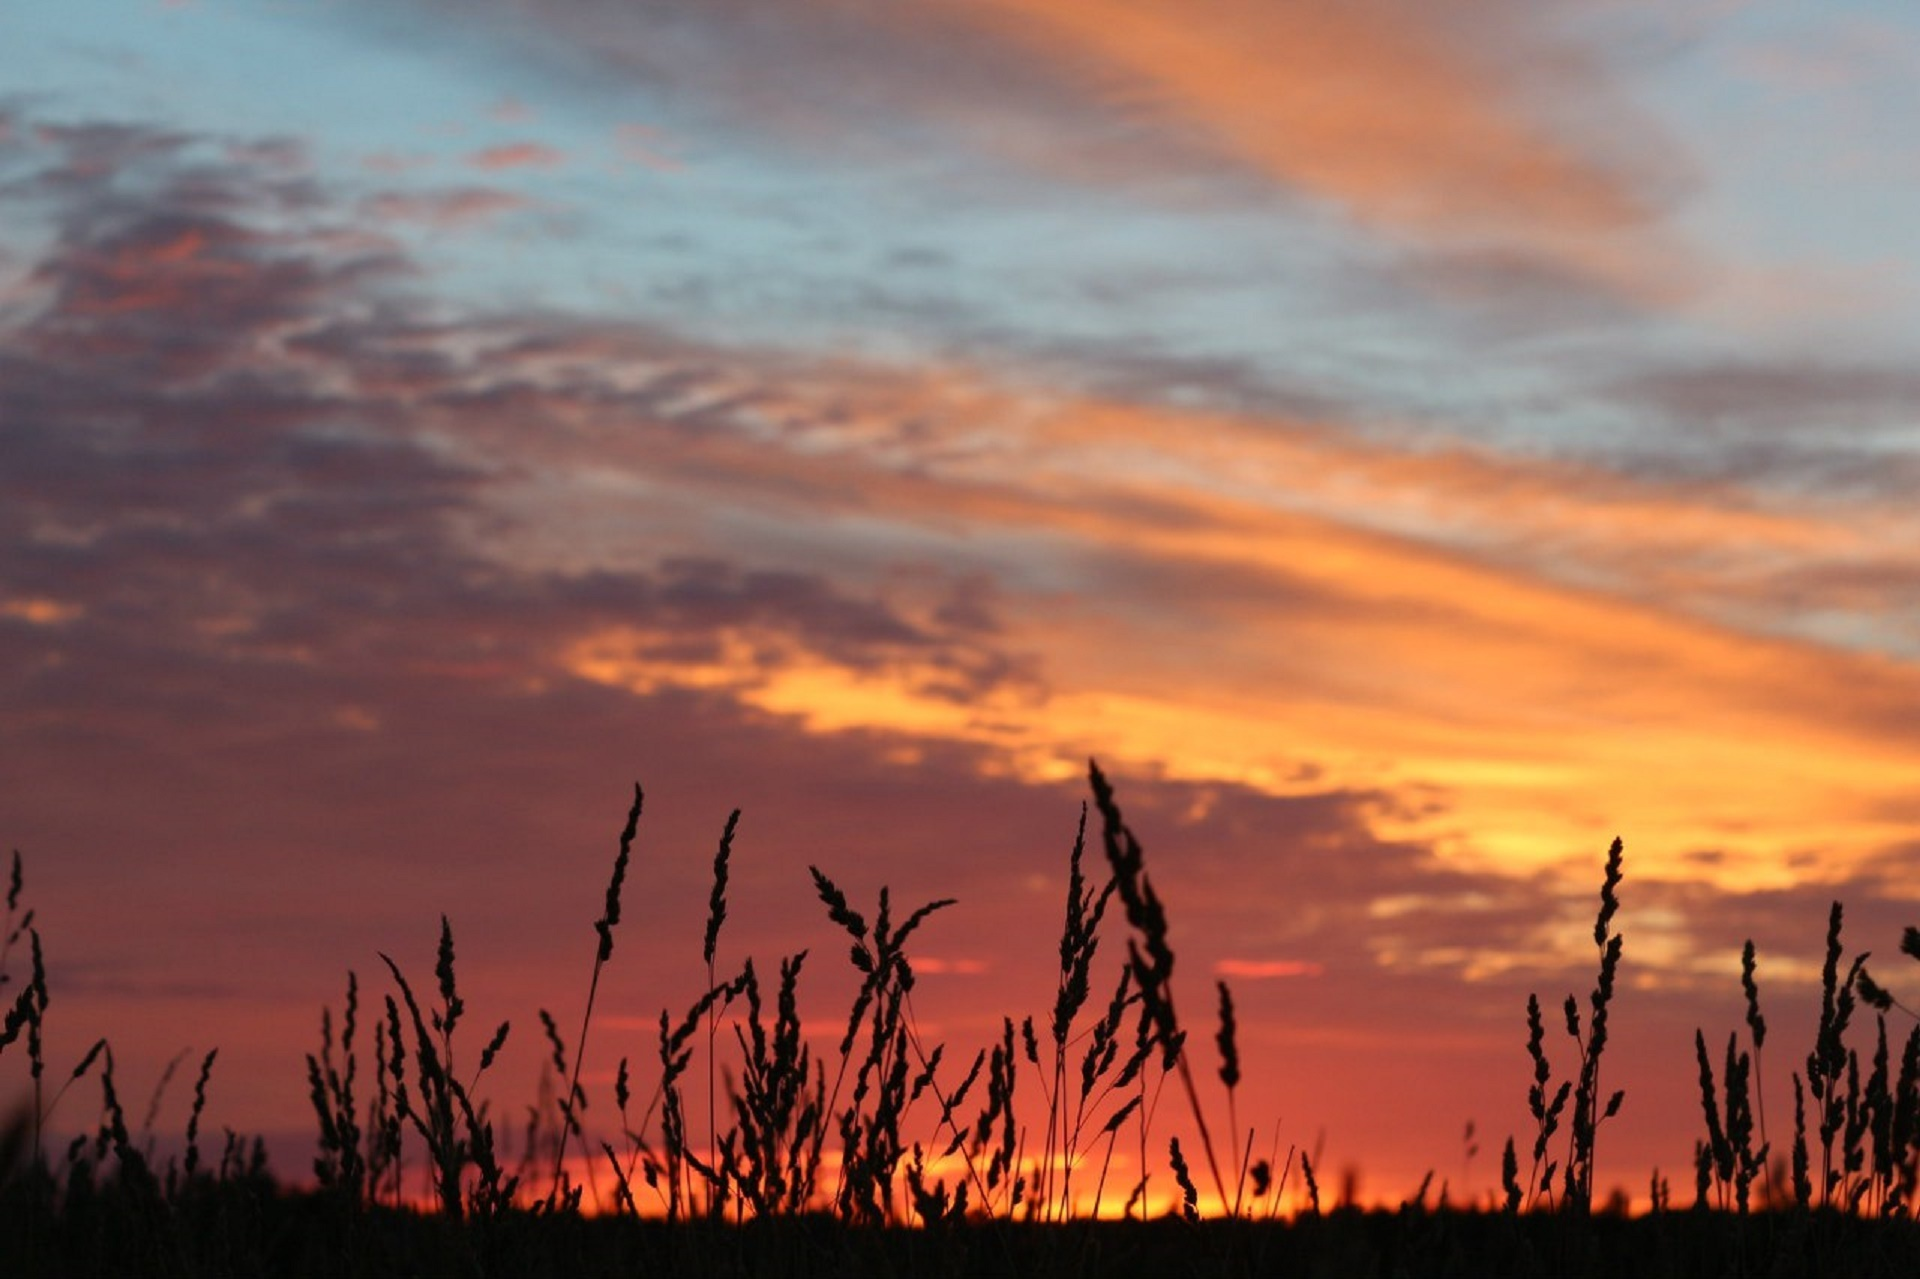 закат поле джипы небо  № 3800530 загрузить